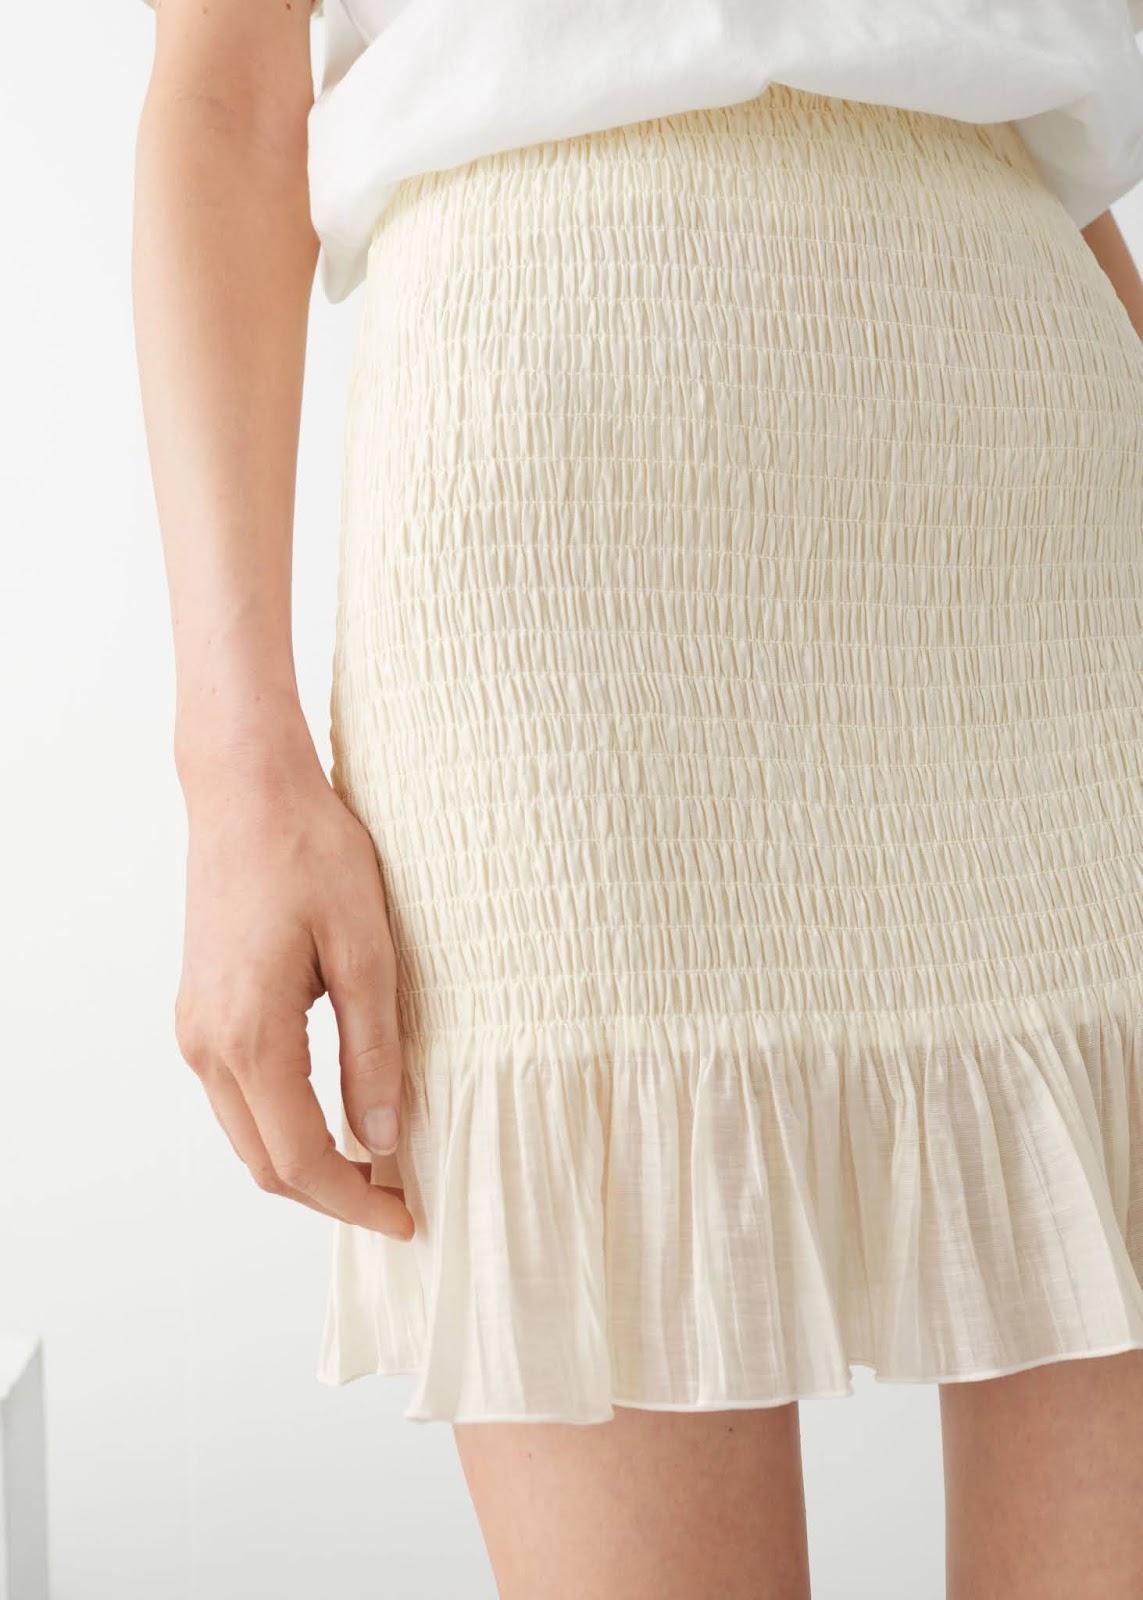 Stylish Under-$100 Mini Skirt for Summer